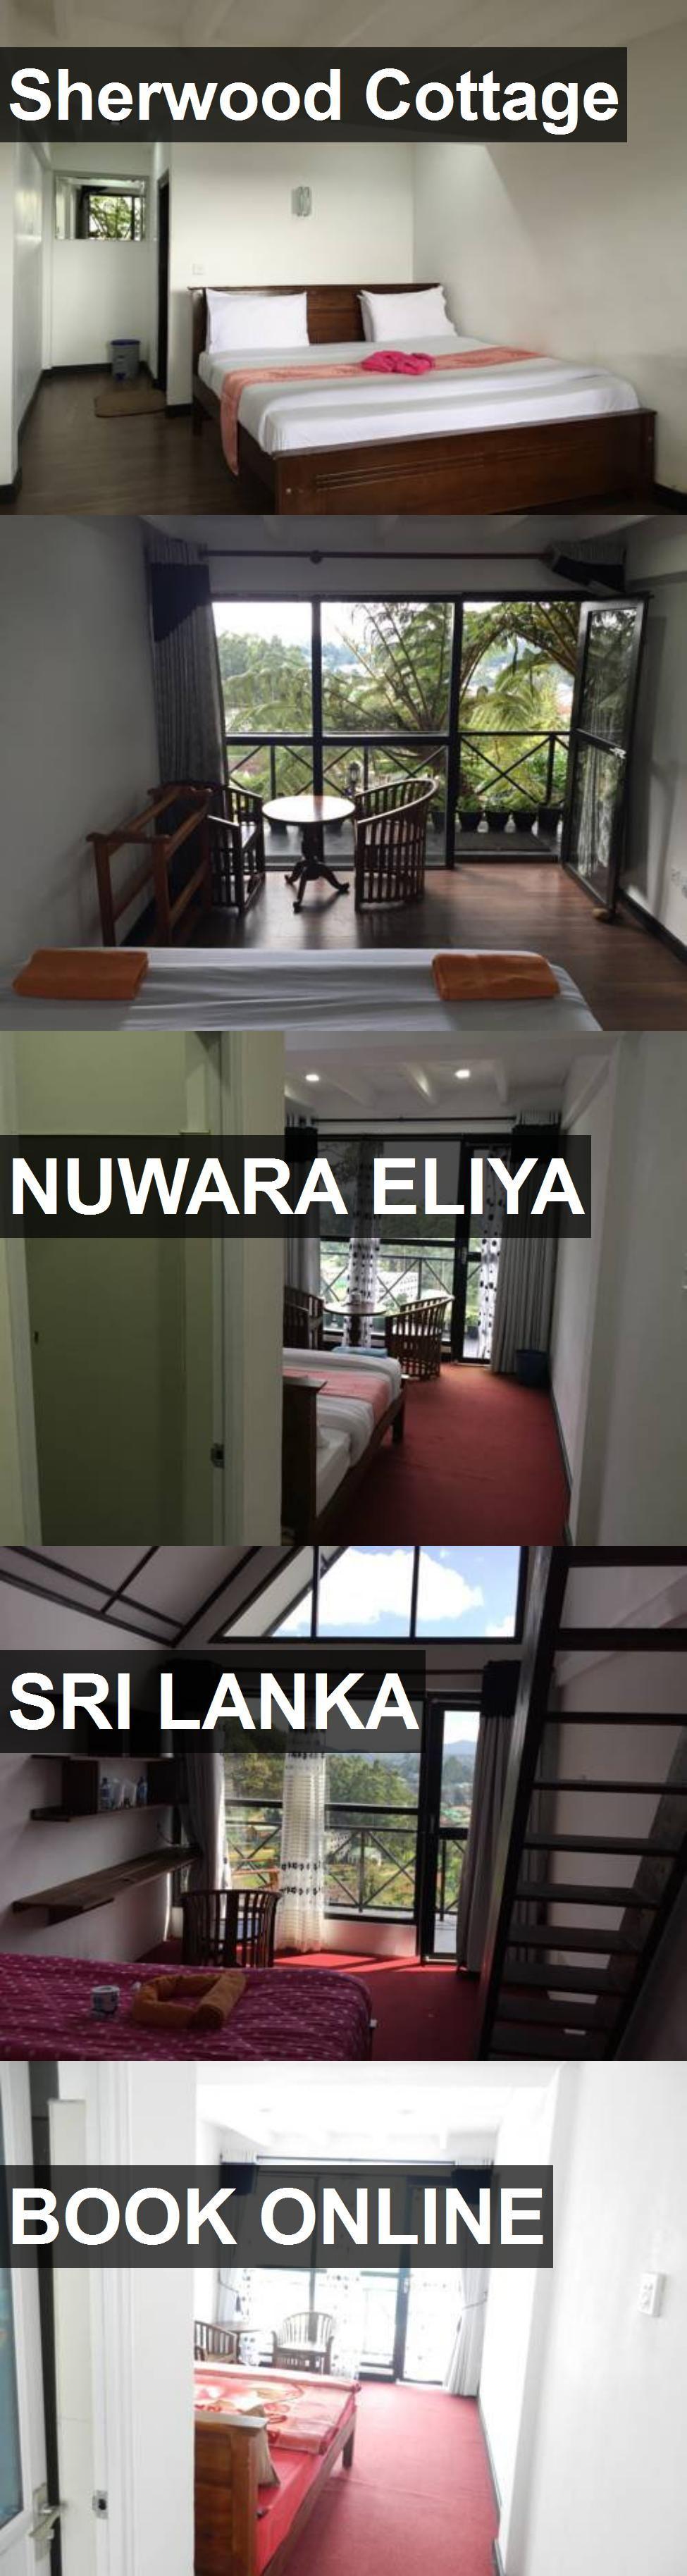 Hotel Sherwood Cottage in Nuwara Eliya, Sri Lanka. For